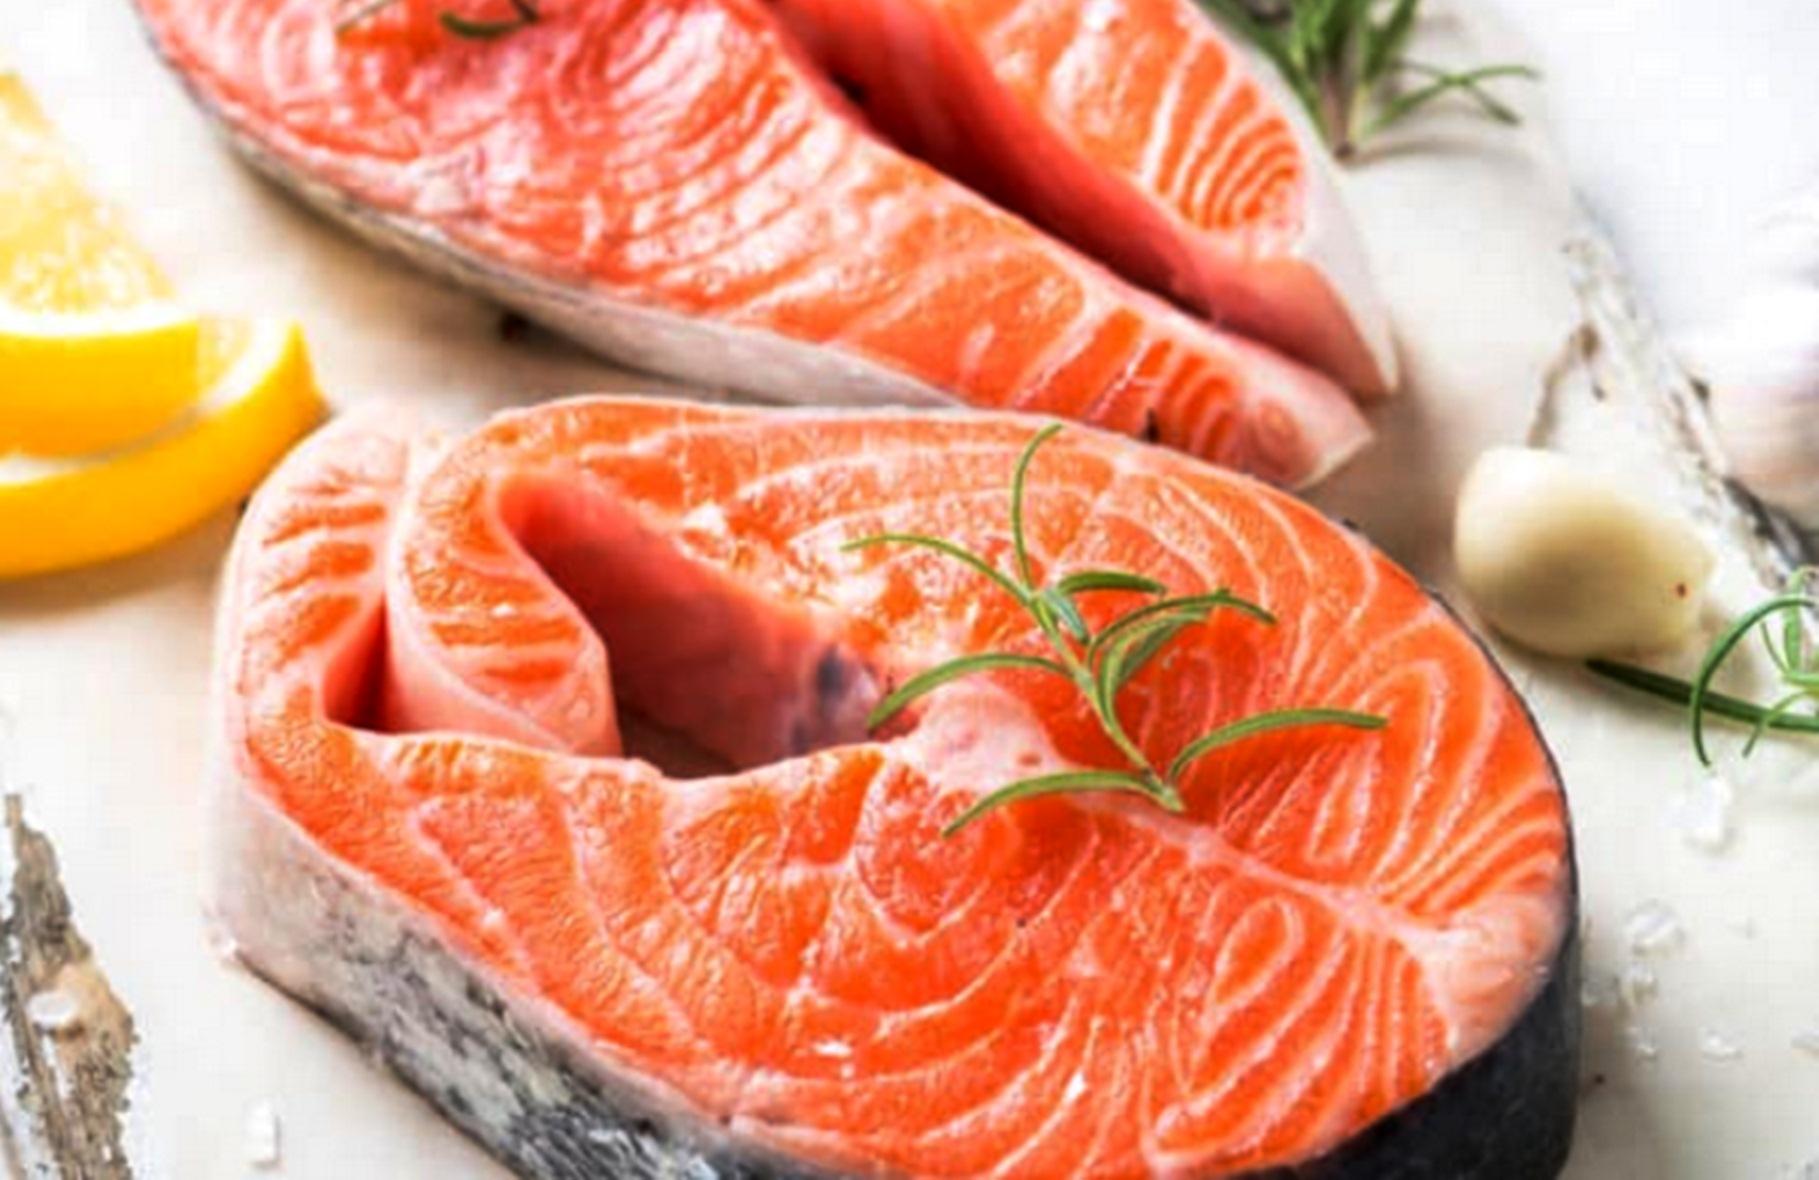 Konsumsi Ikan Sangatlah Penting, Ini 5 Alasannya 3